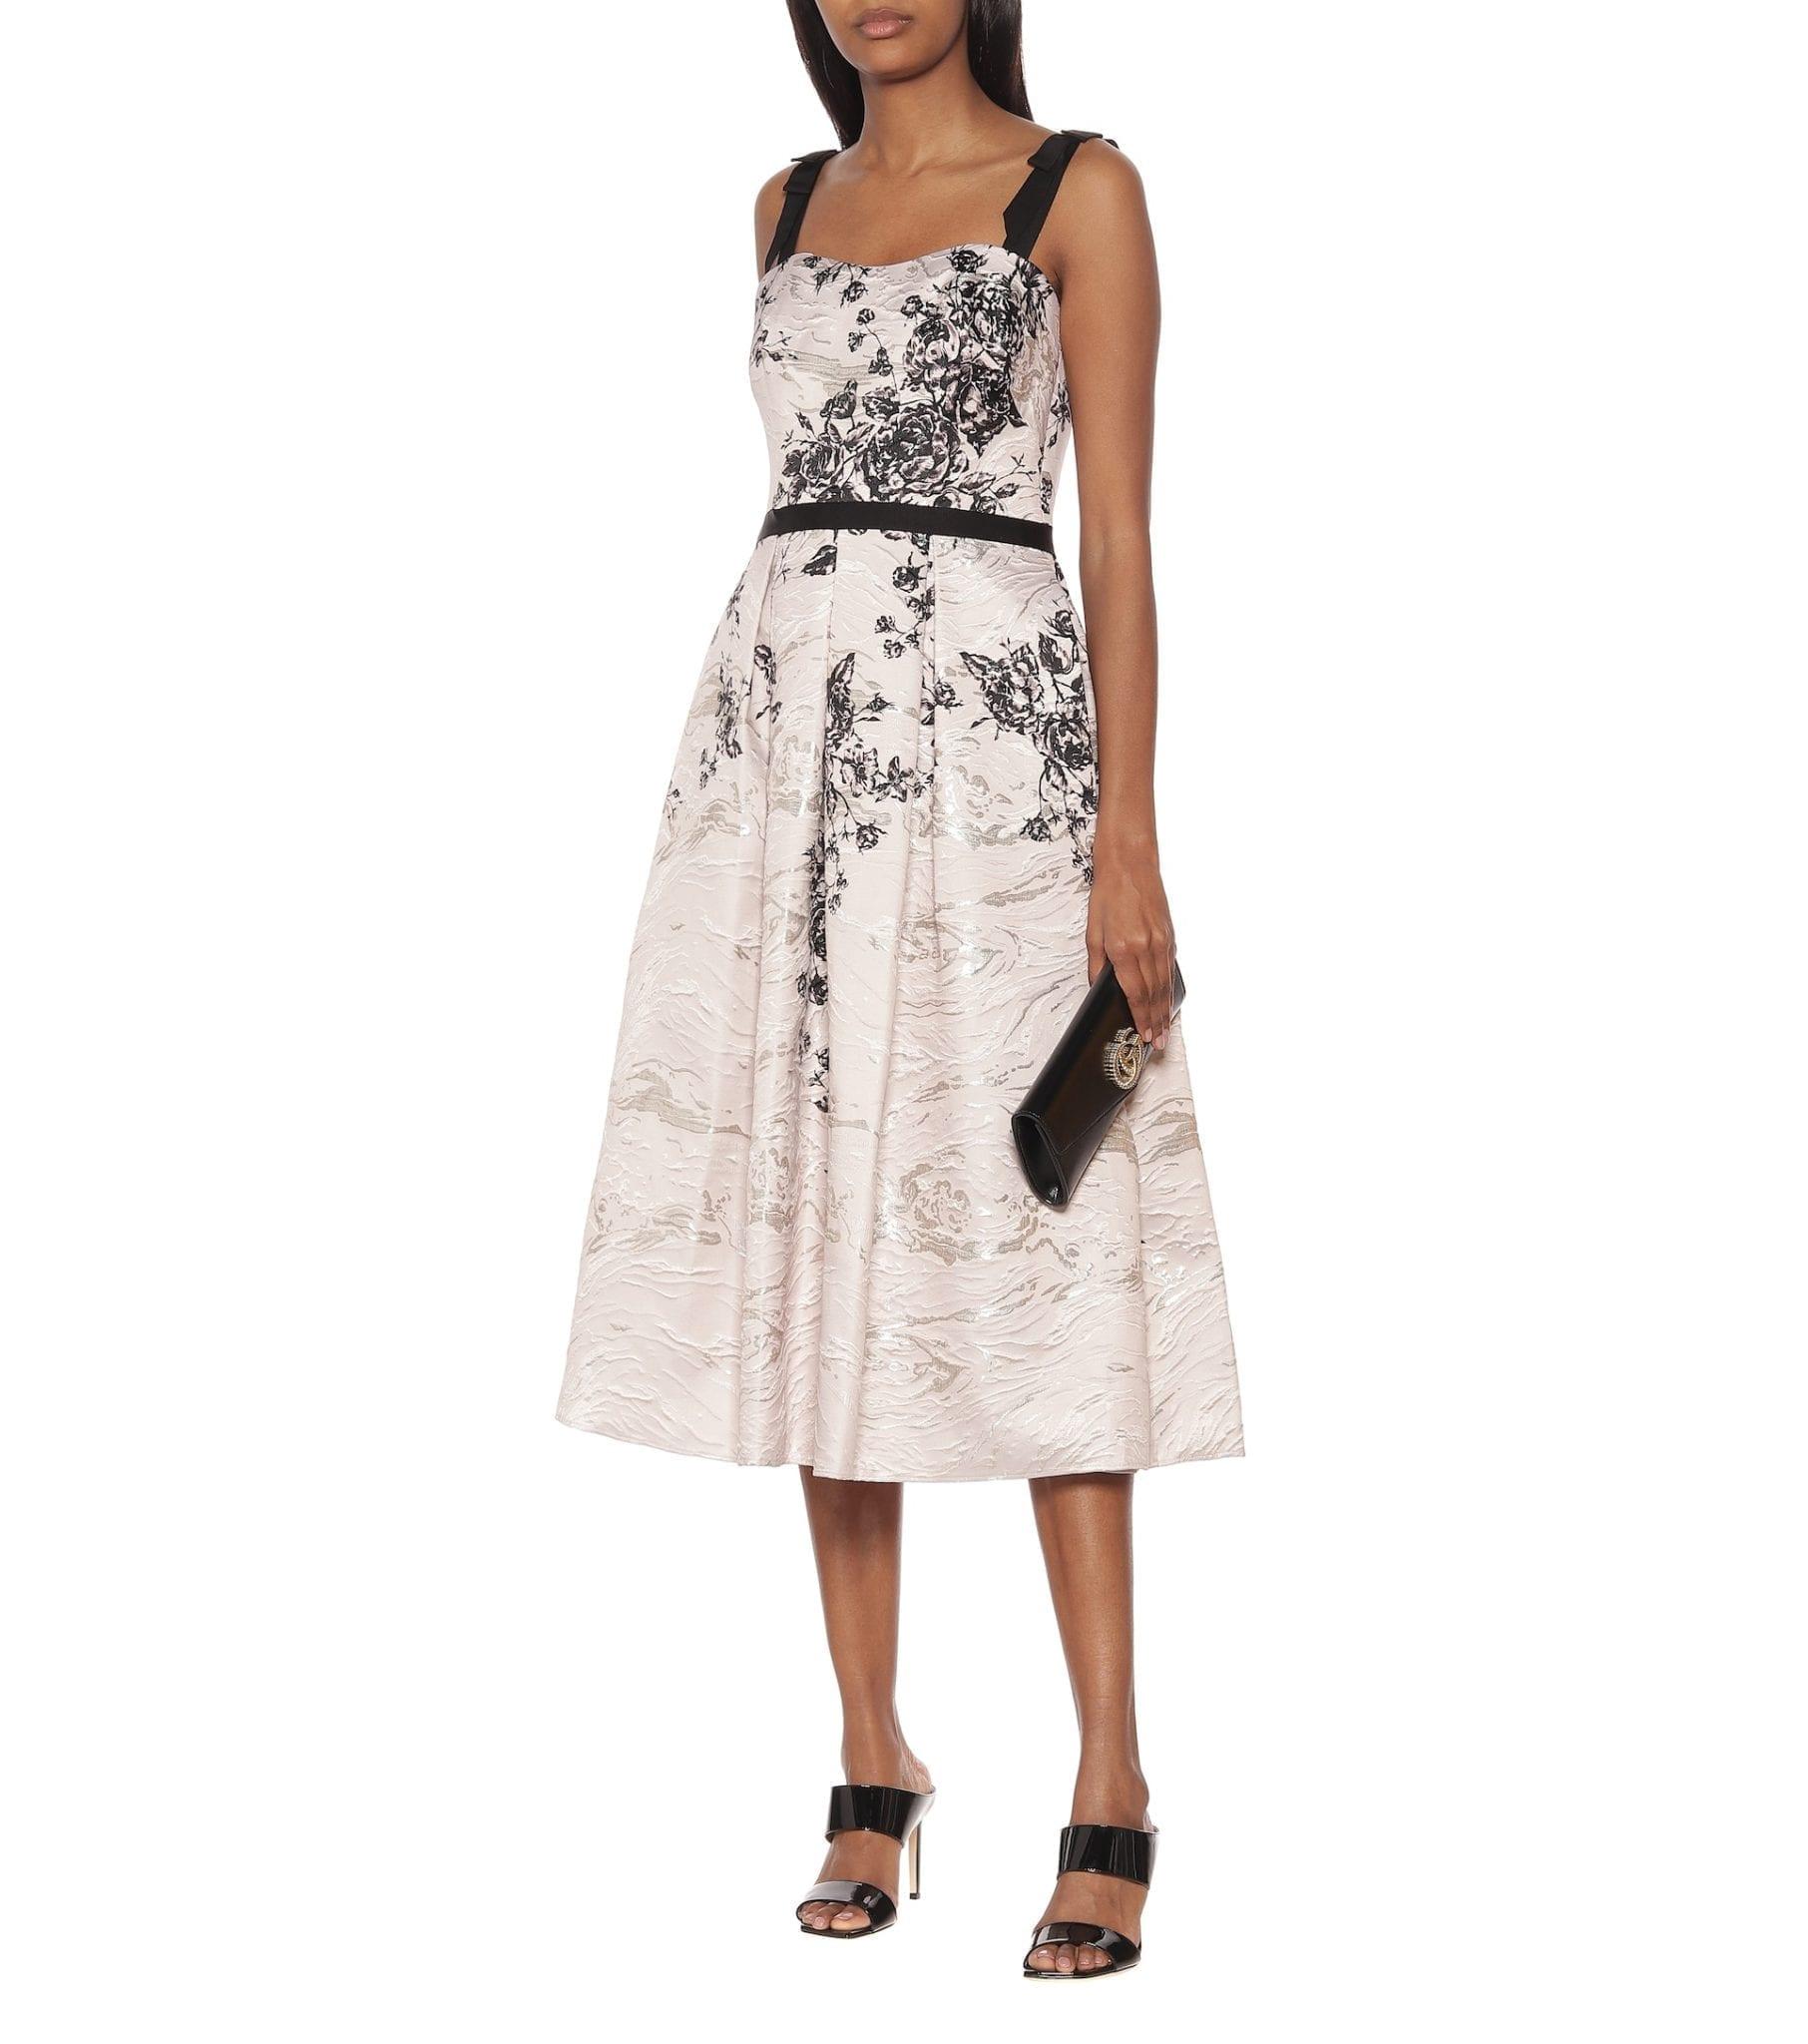 MARCHESA NOTTE Floral Jacquard Dress